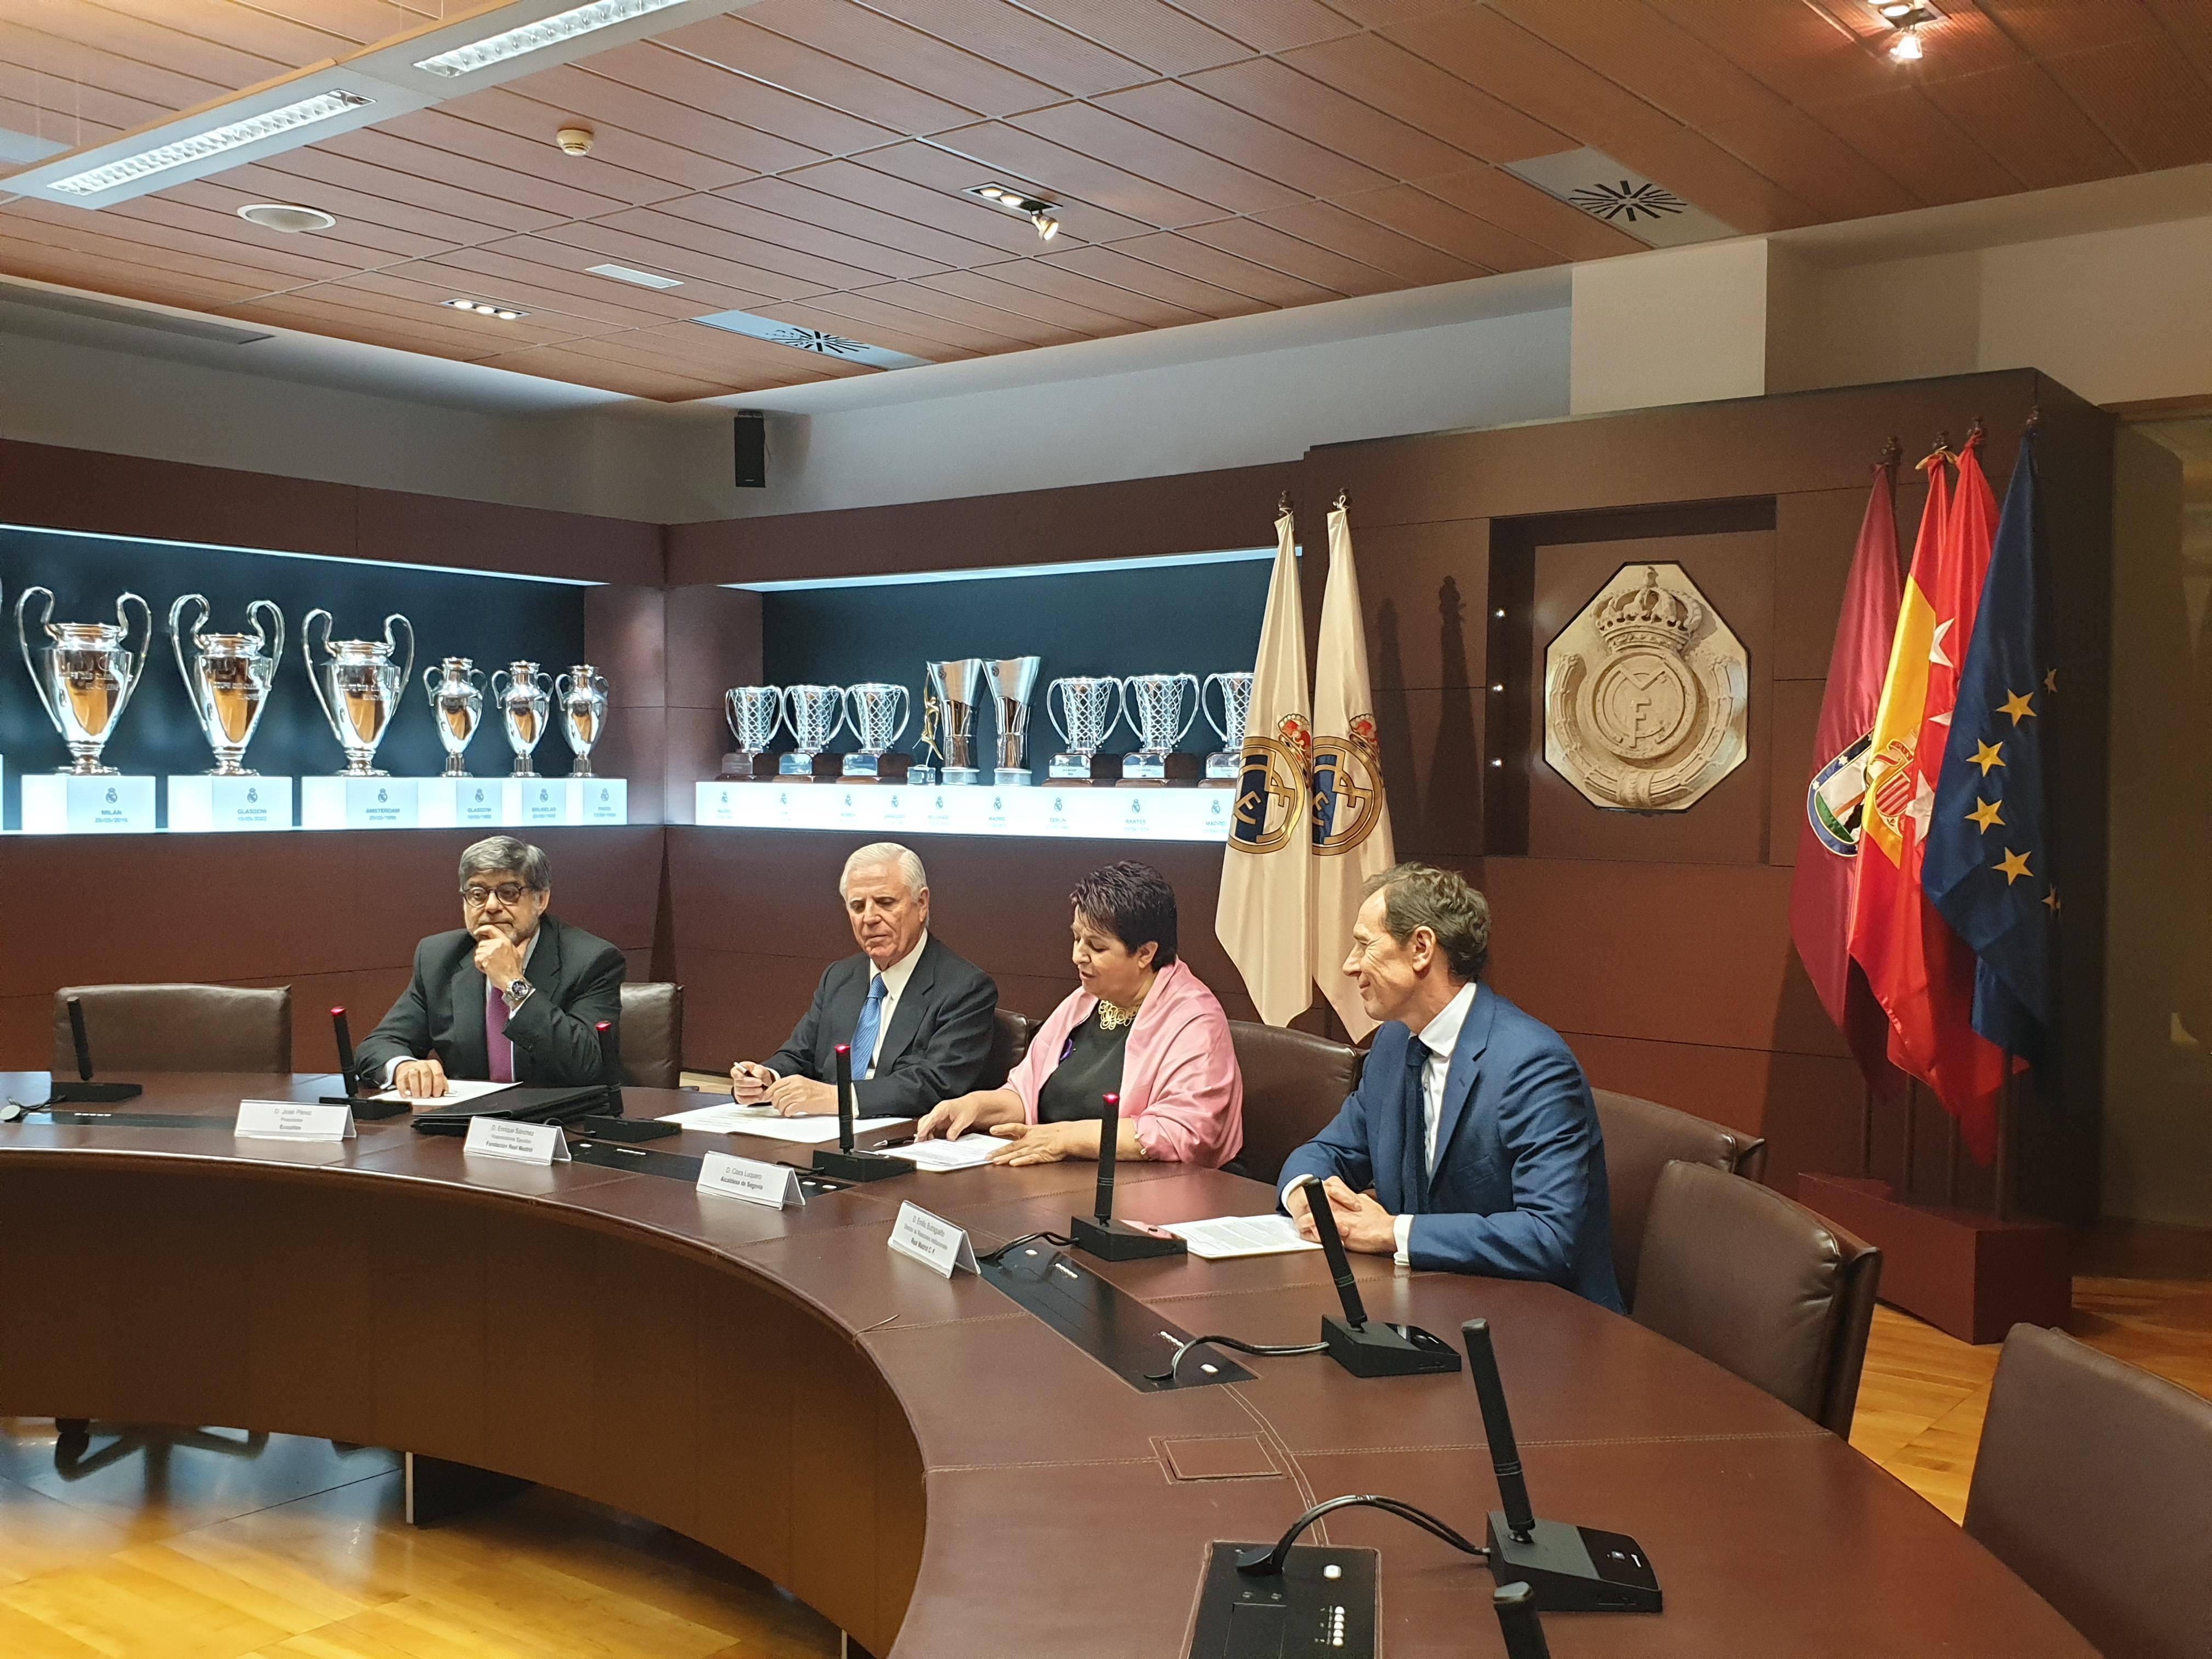 El Ayuntamiento de Segovia y la Fundación Real Madrid renuevan su cooperación que hace posible la Escuela sociodeportiva de Fútbol de Integración